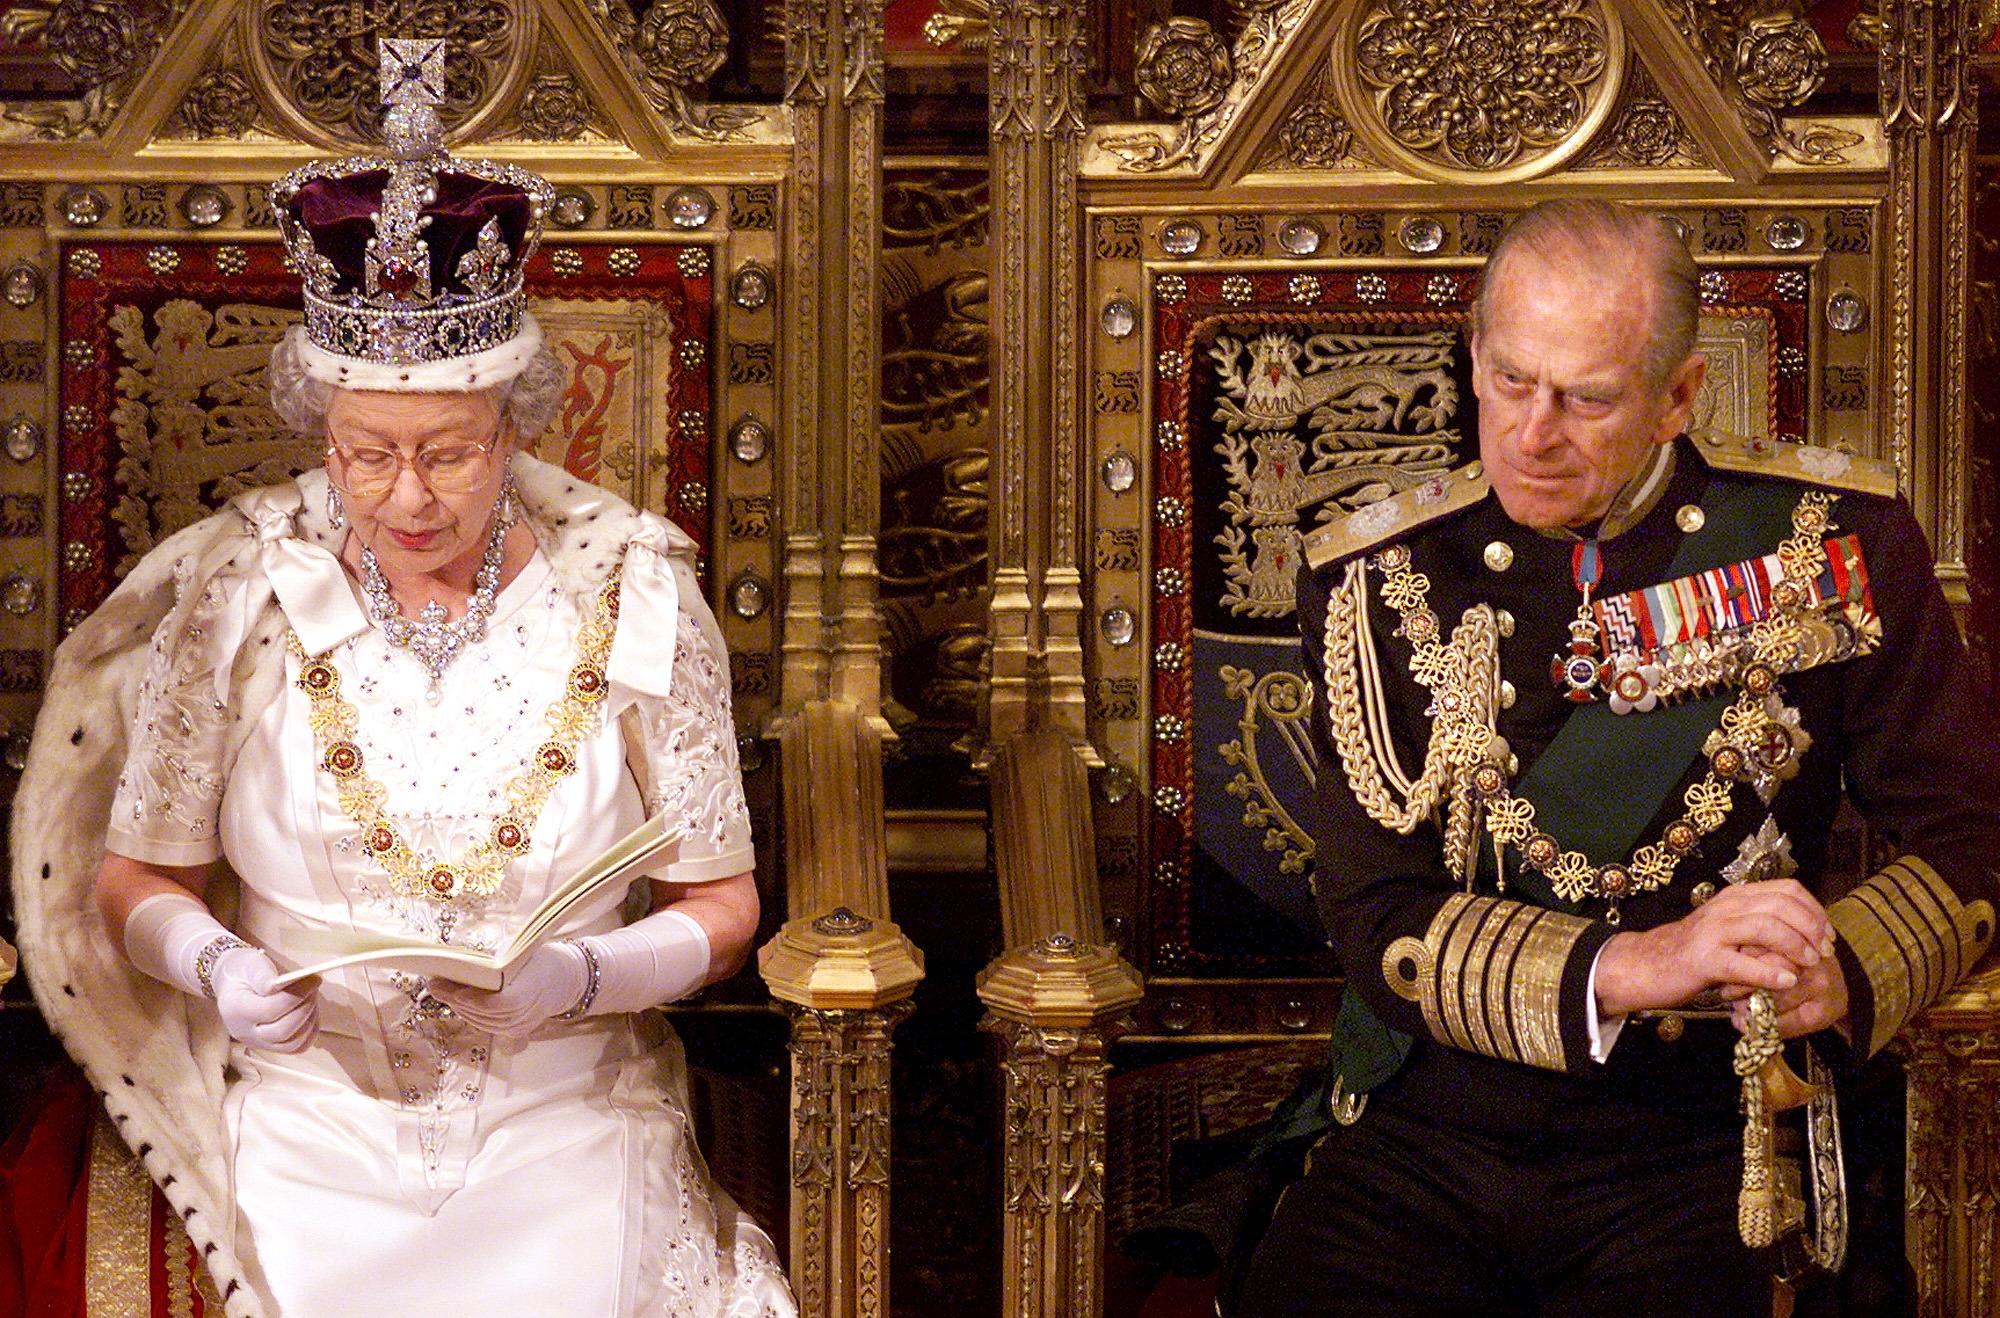 الملكة إليزابيث تلقي خطابا في مجلس اللوردات عام 1999